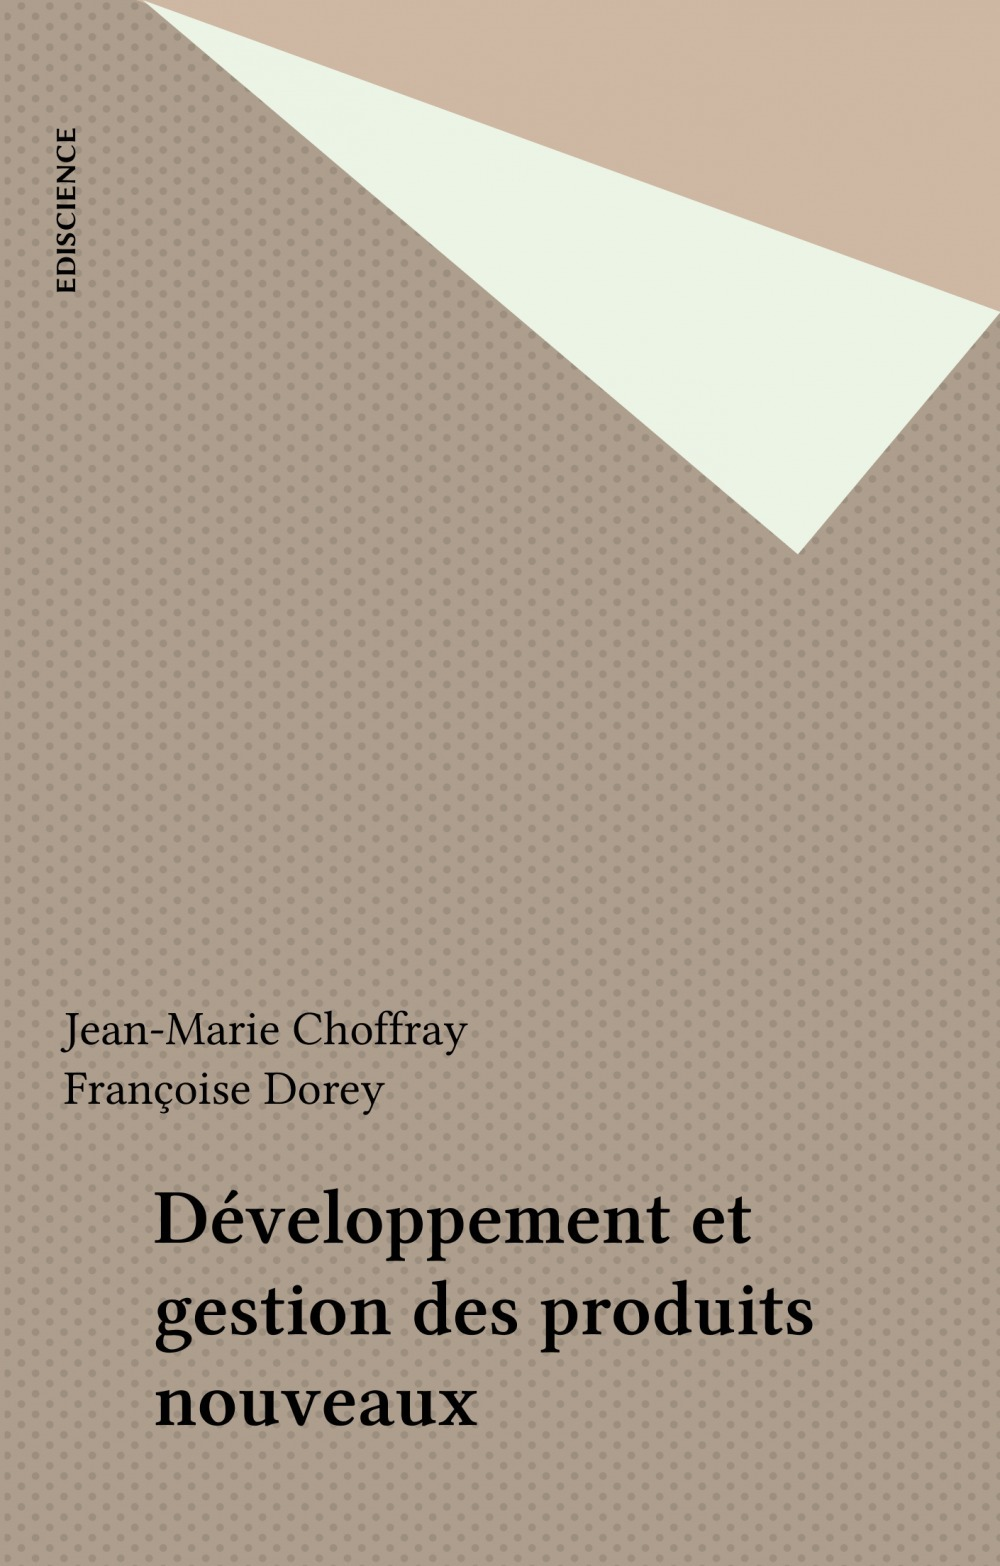 Developpement et gestion